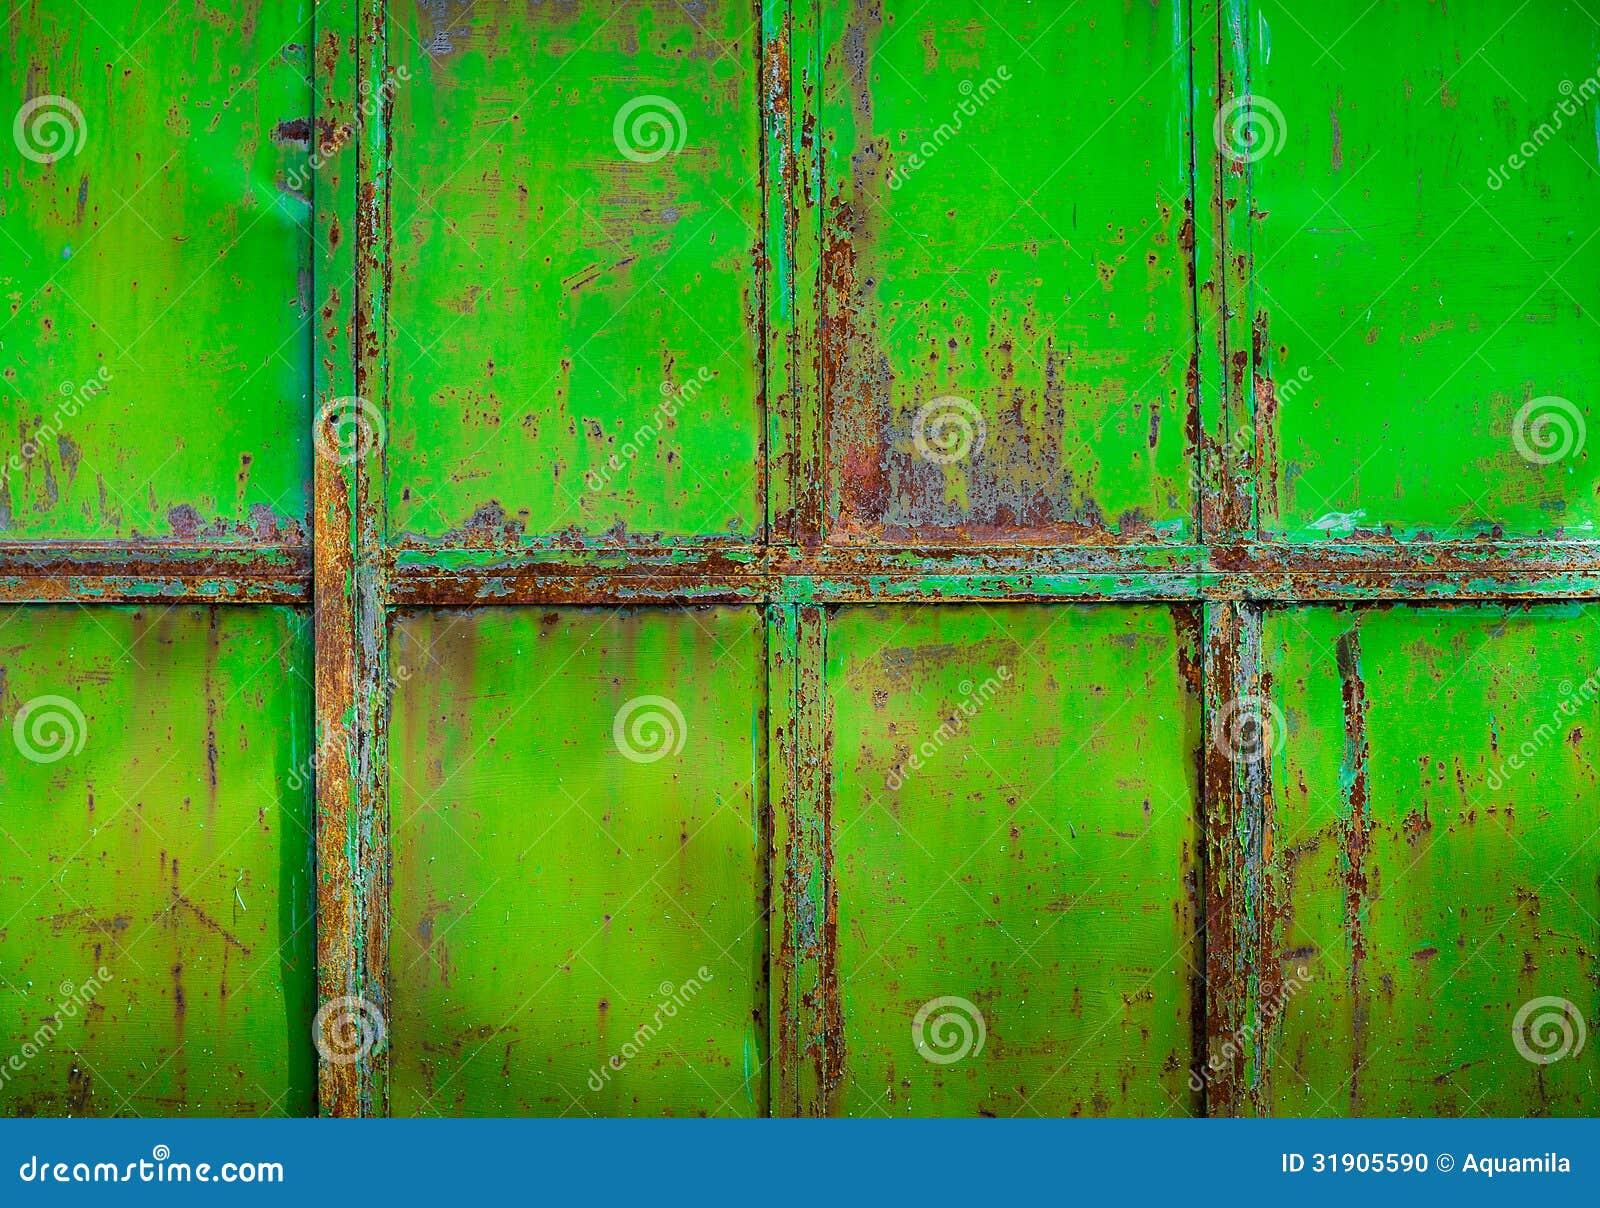 Rostig gräsplan målad metall med sprucken målarfärg, texturfärggrun